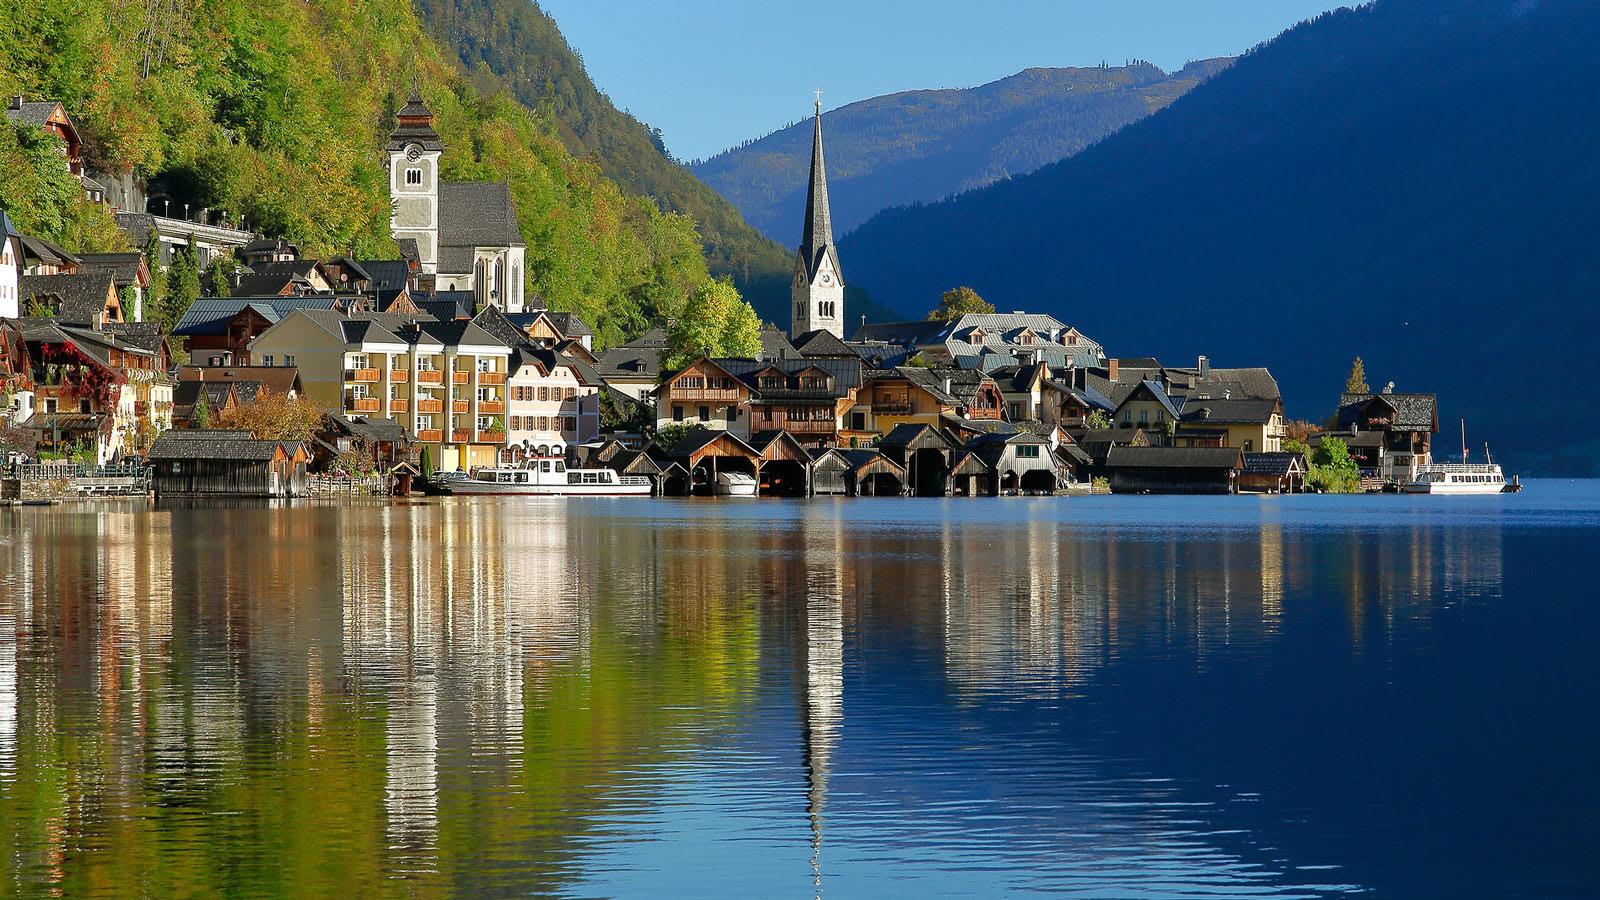 """ألهمت هذه القرية في النمسا فيلم """"فروزن الشهير.. وهي الآن تعاني من السياحة المفرطة"""